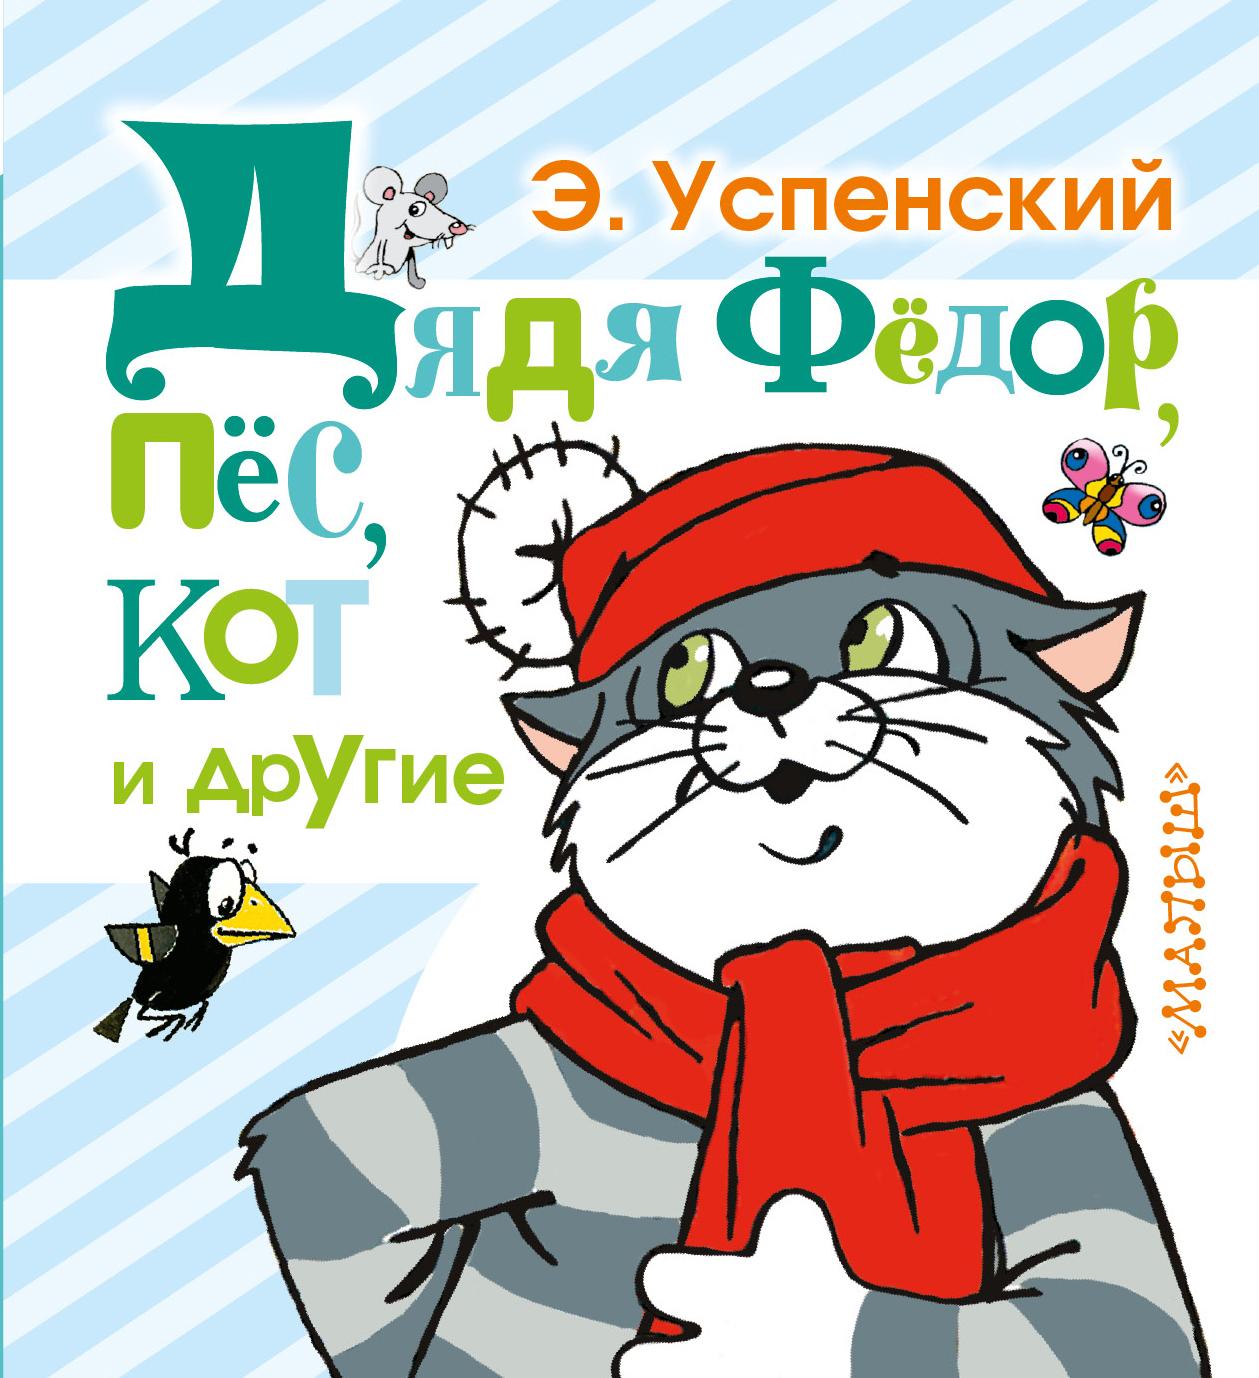 Успенский Э.Н. Дядя Фёдор, пёс, кот и другие дядя фёдор пёс и кот и другие истории про простоквашино